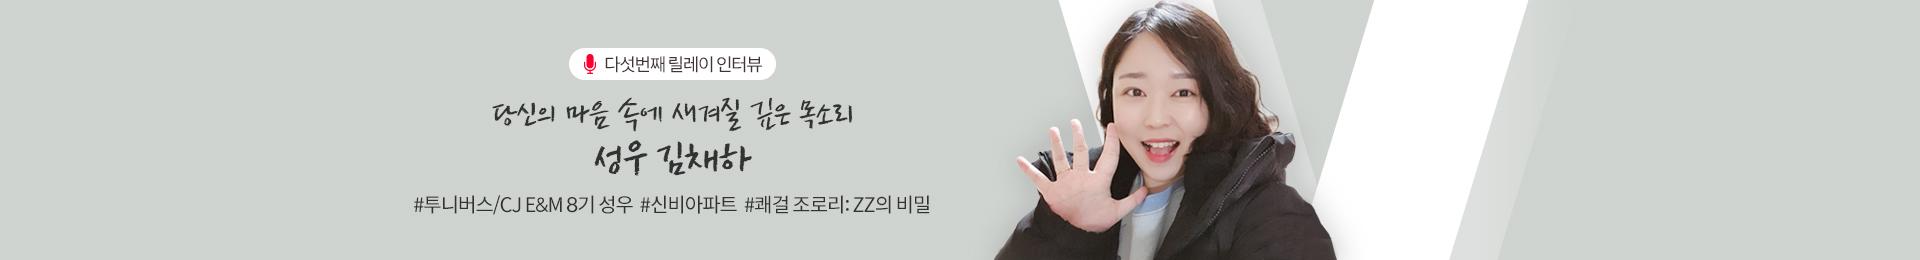 여섯번째 릴레이인터뷰 성우 정혜원